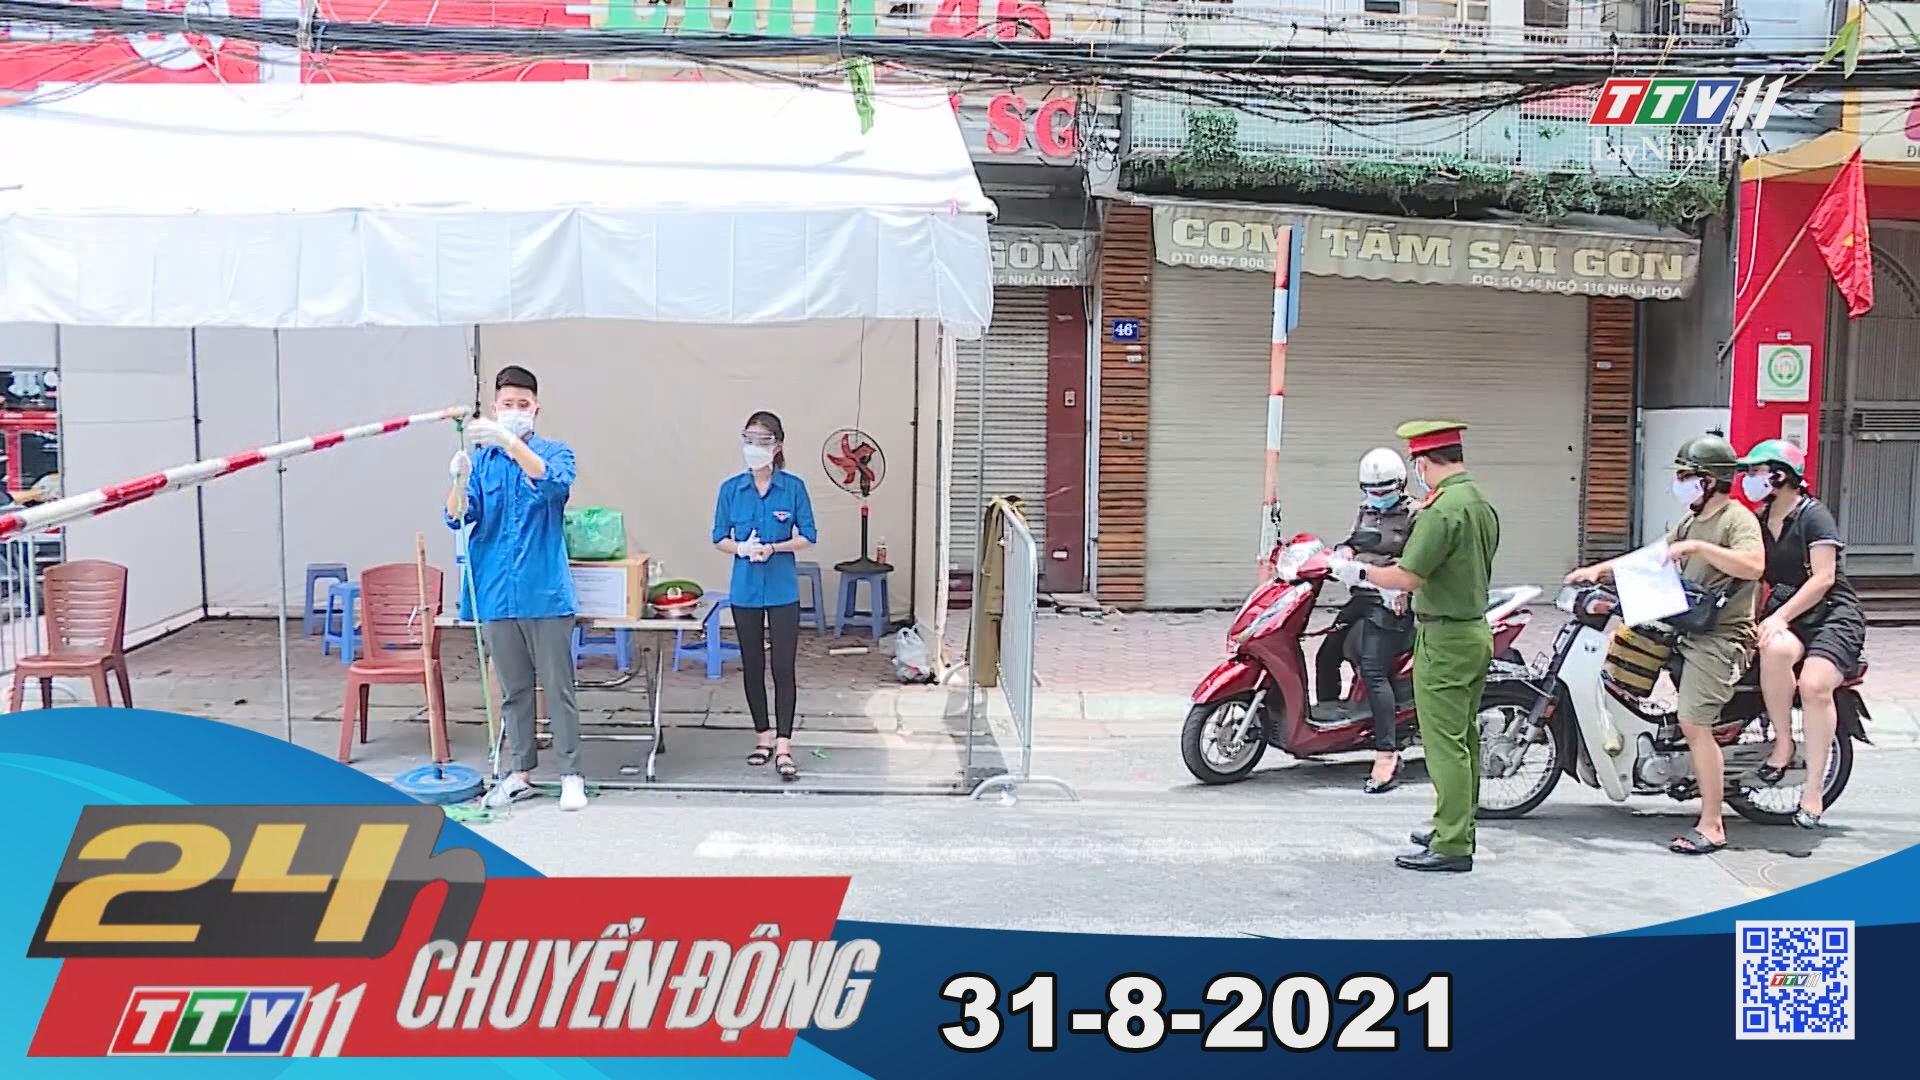 24h Chuyển động 31-8-2021 | Tin tức hôm nay | TayNinhTV